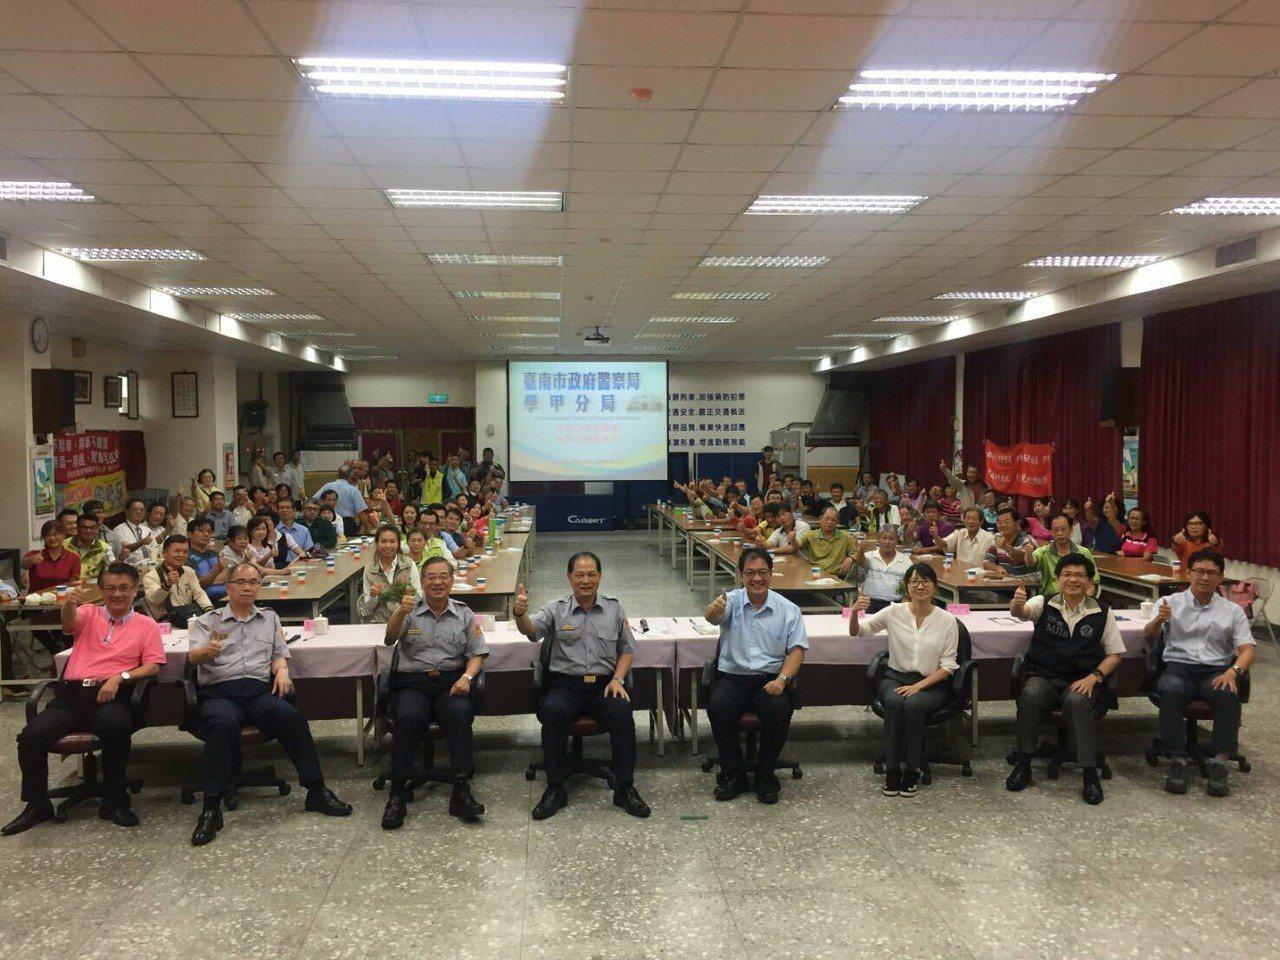 台南市學分局舉行「社區治安座談會暨檢察察官與民有約」。圖/學甲分局提供